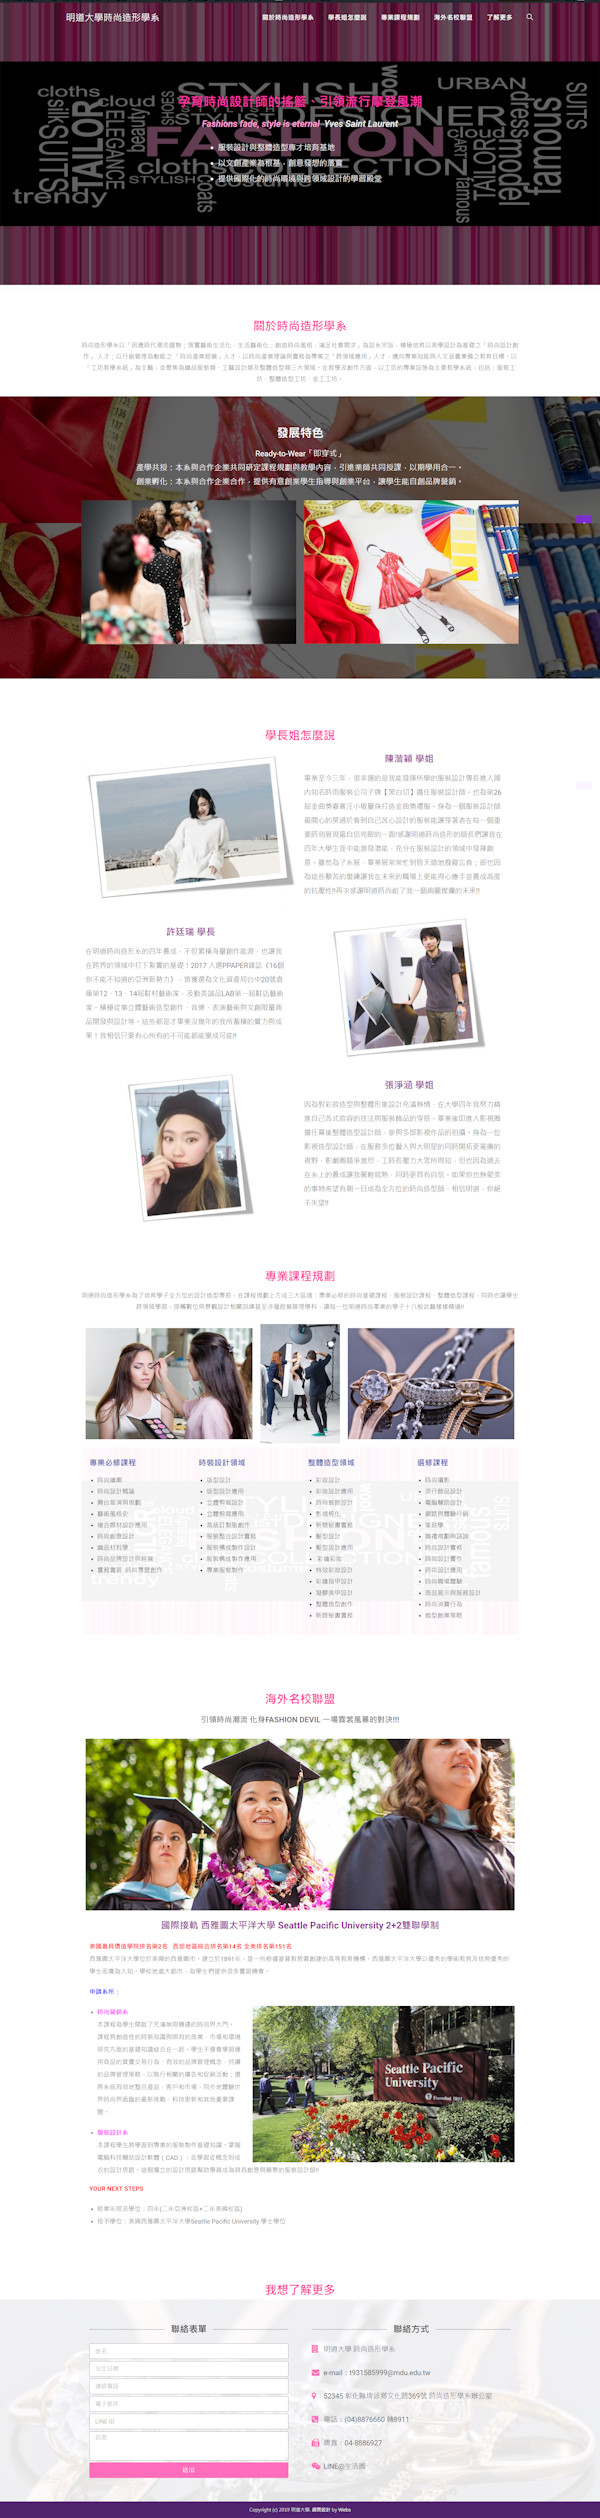 網頁設計-時尚造形學系1